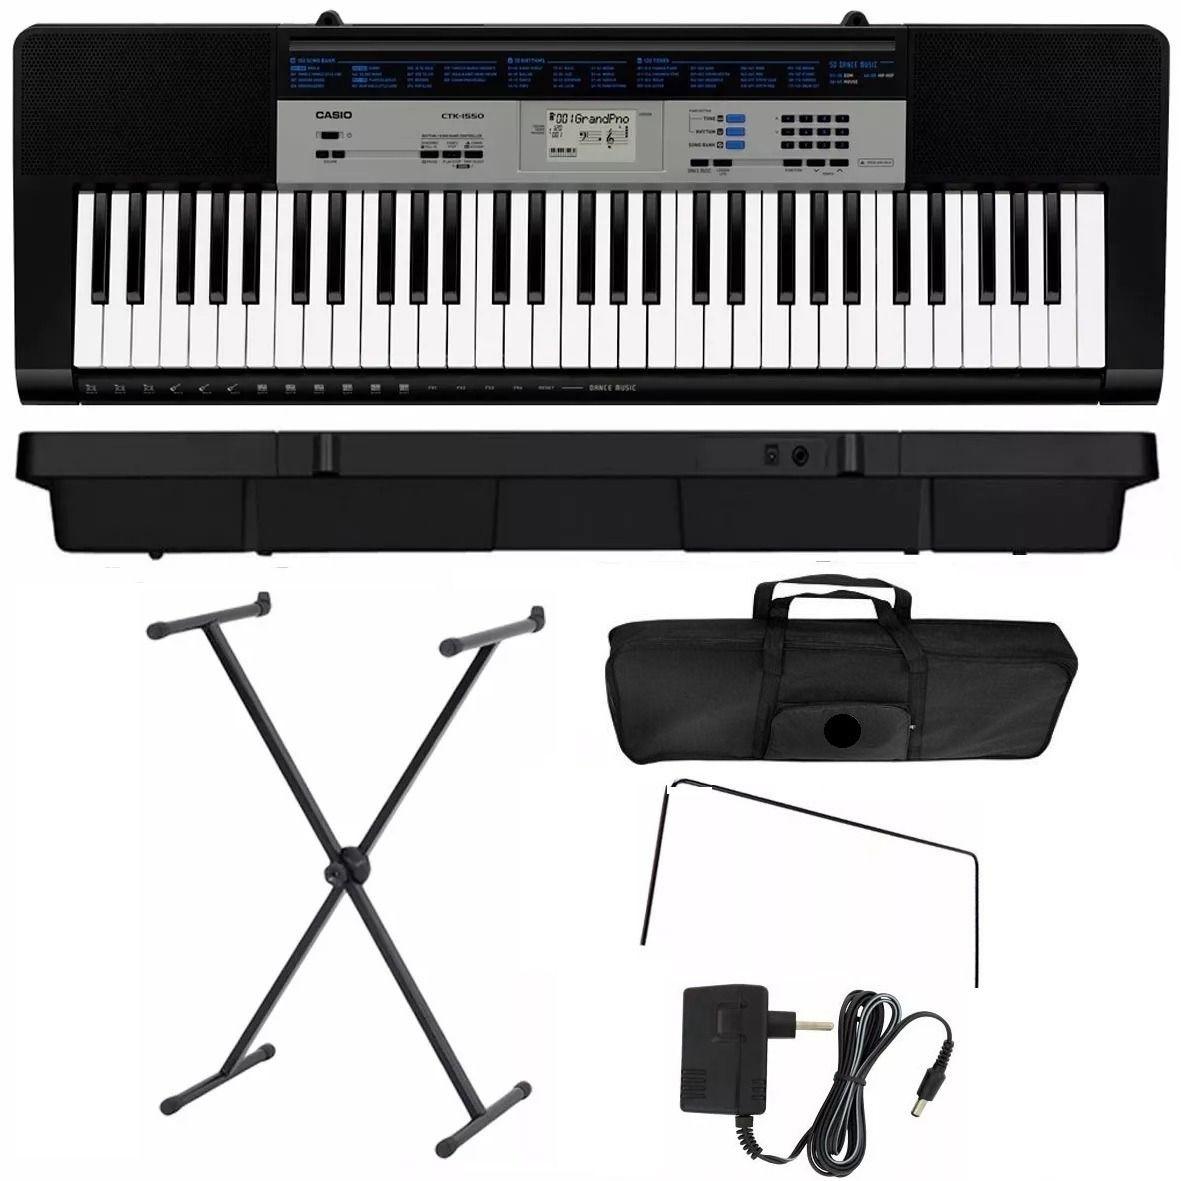 Kit Teclado Musical Arranjador Casio Ctk 1550 61 Teclas